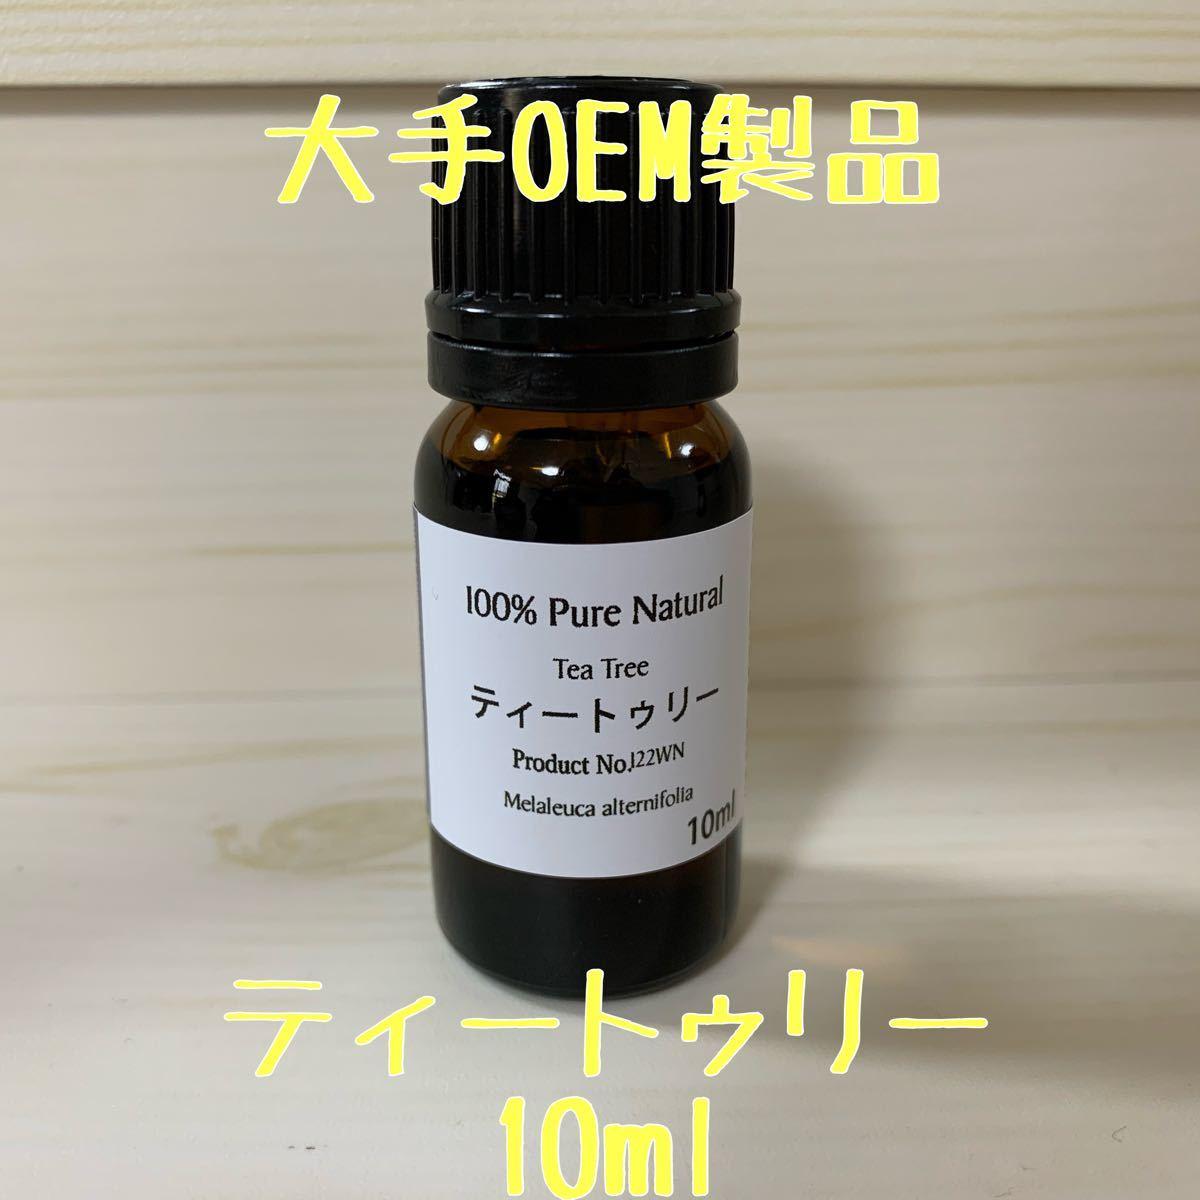 エッセンシャルオイル ティートゥリー 精油10ml